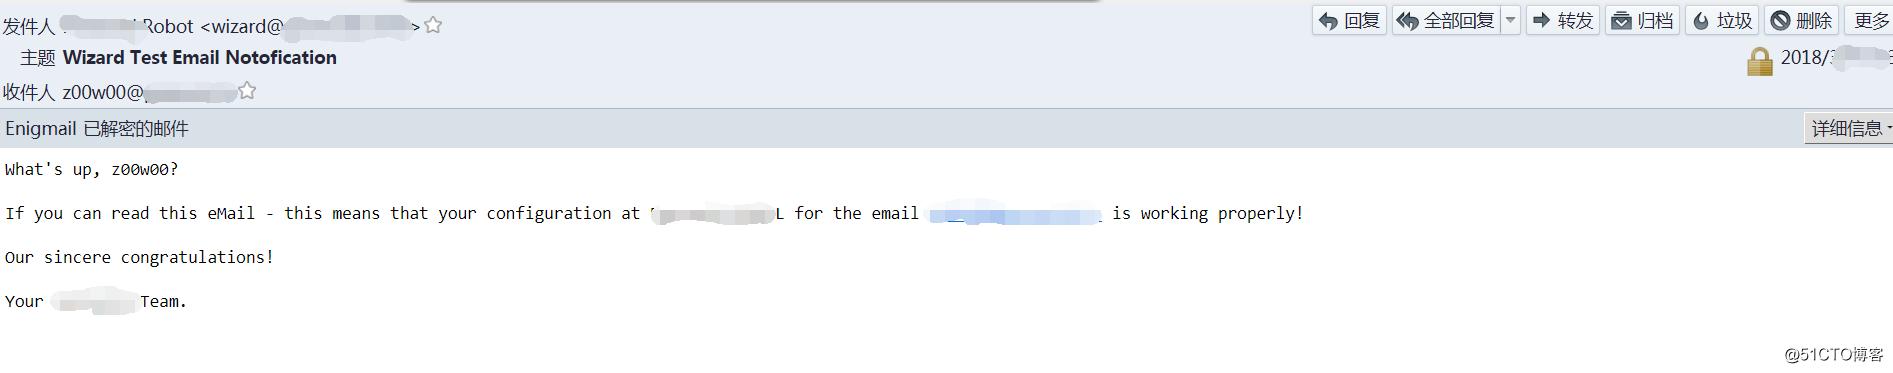 这就是我向您推荐使用Thunderbird邮件客户端的理由